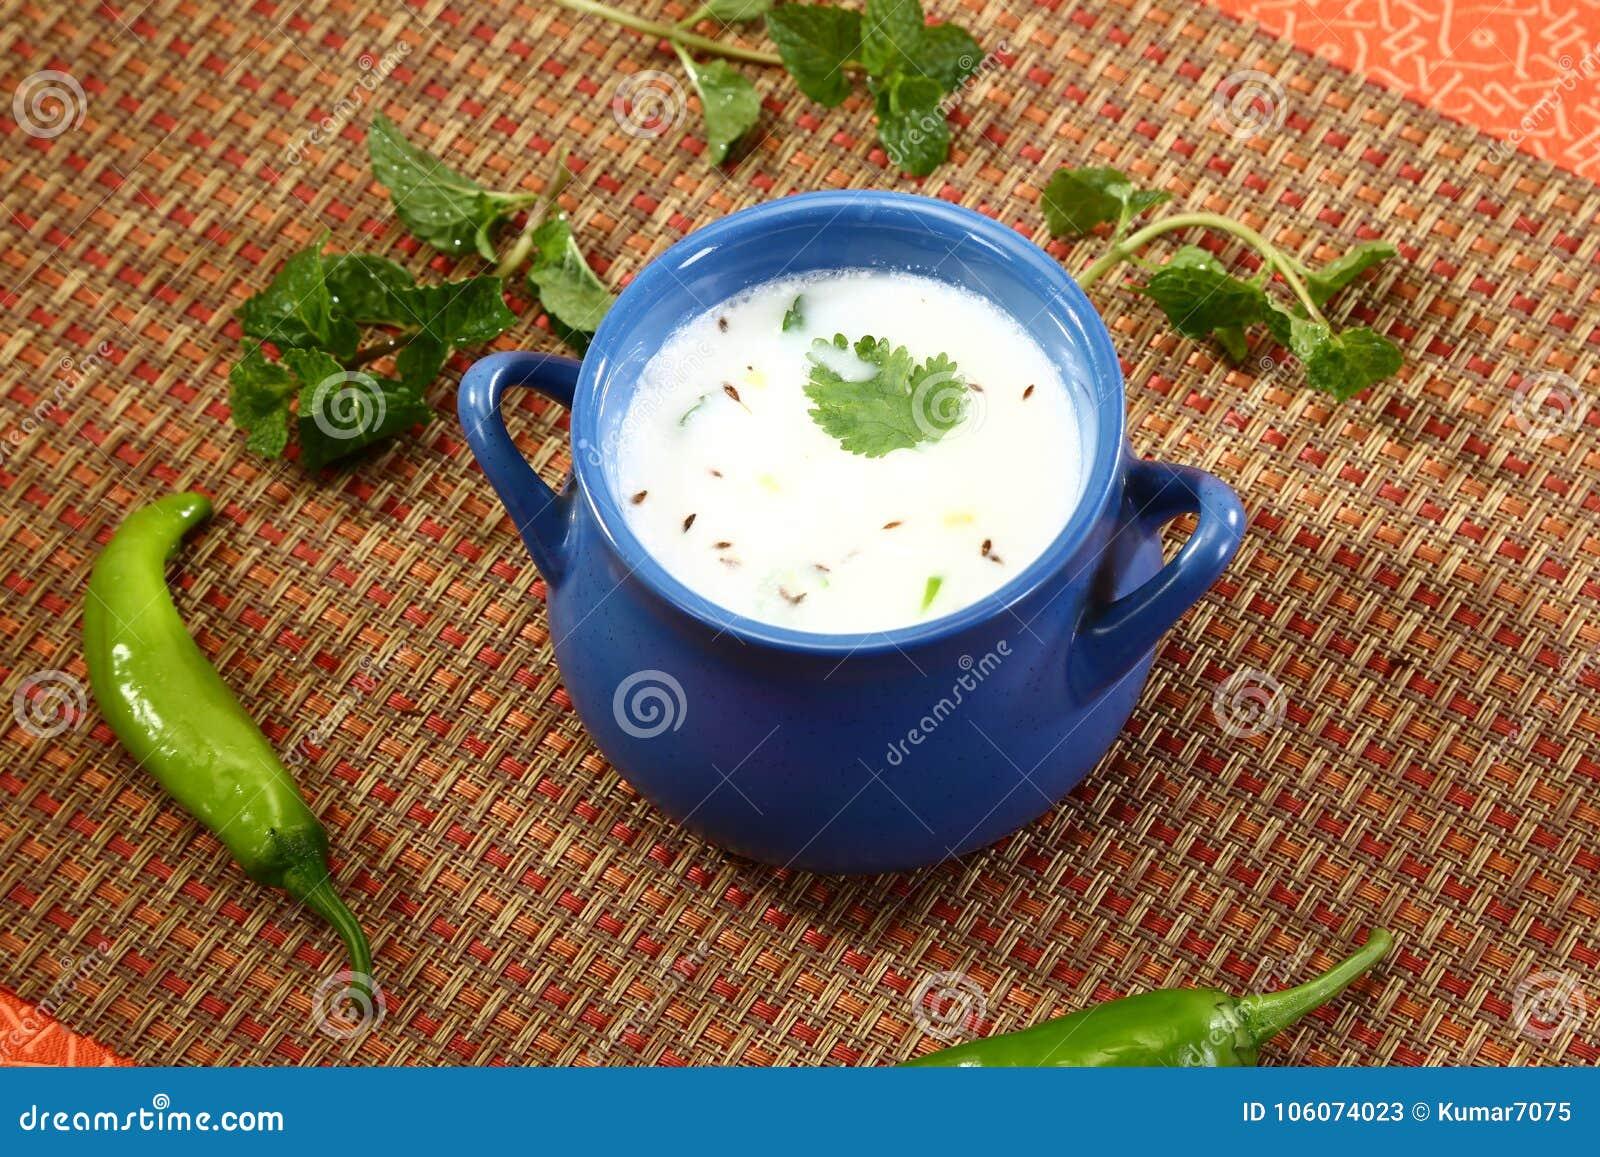 Kärnmjölk eller Punjabi Lassi, indisk drink